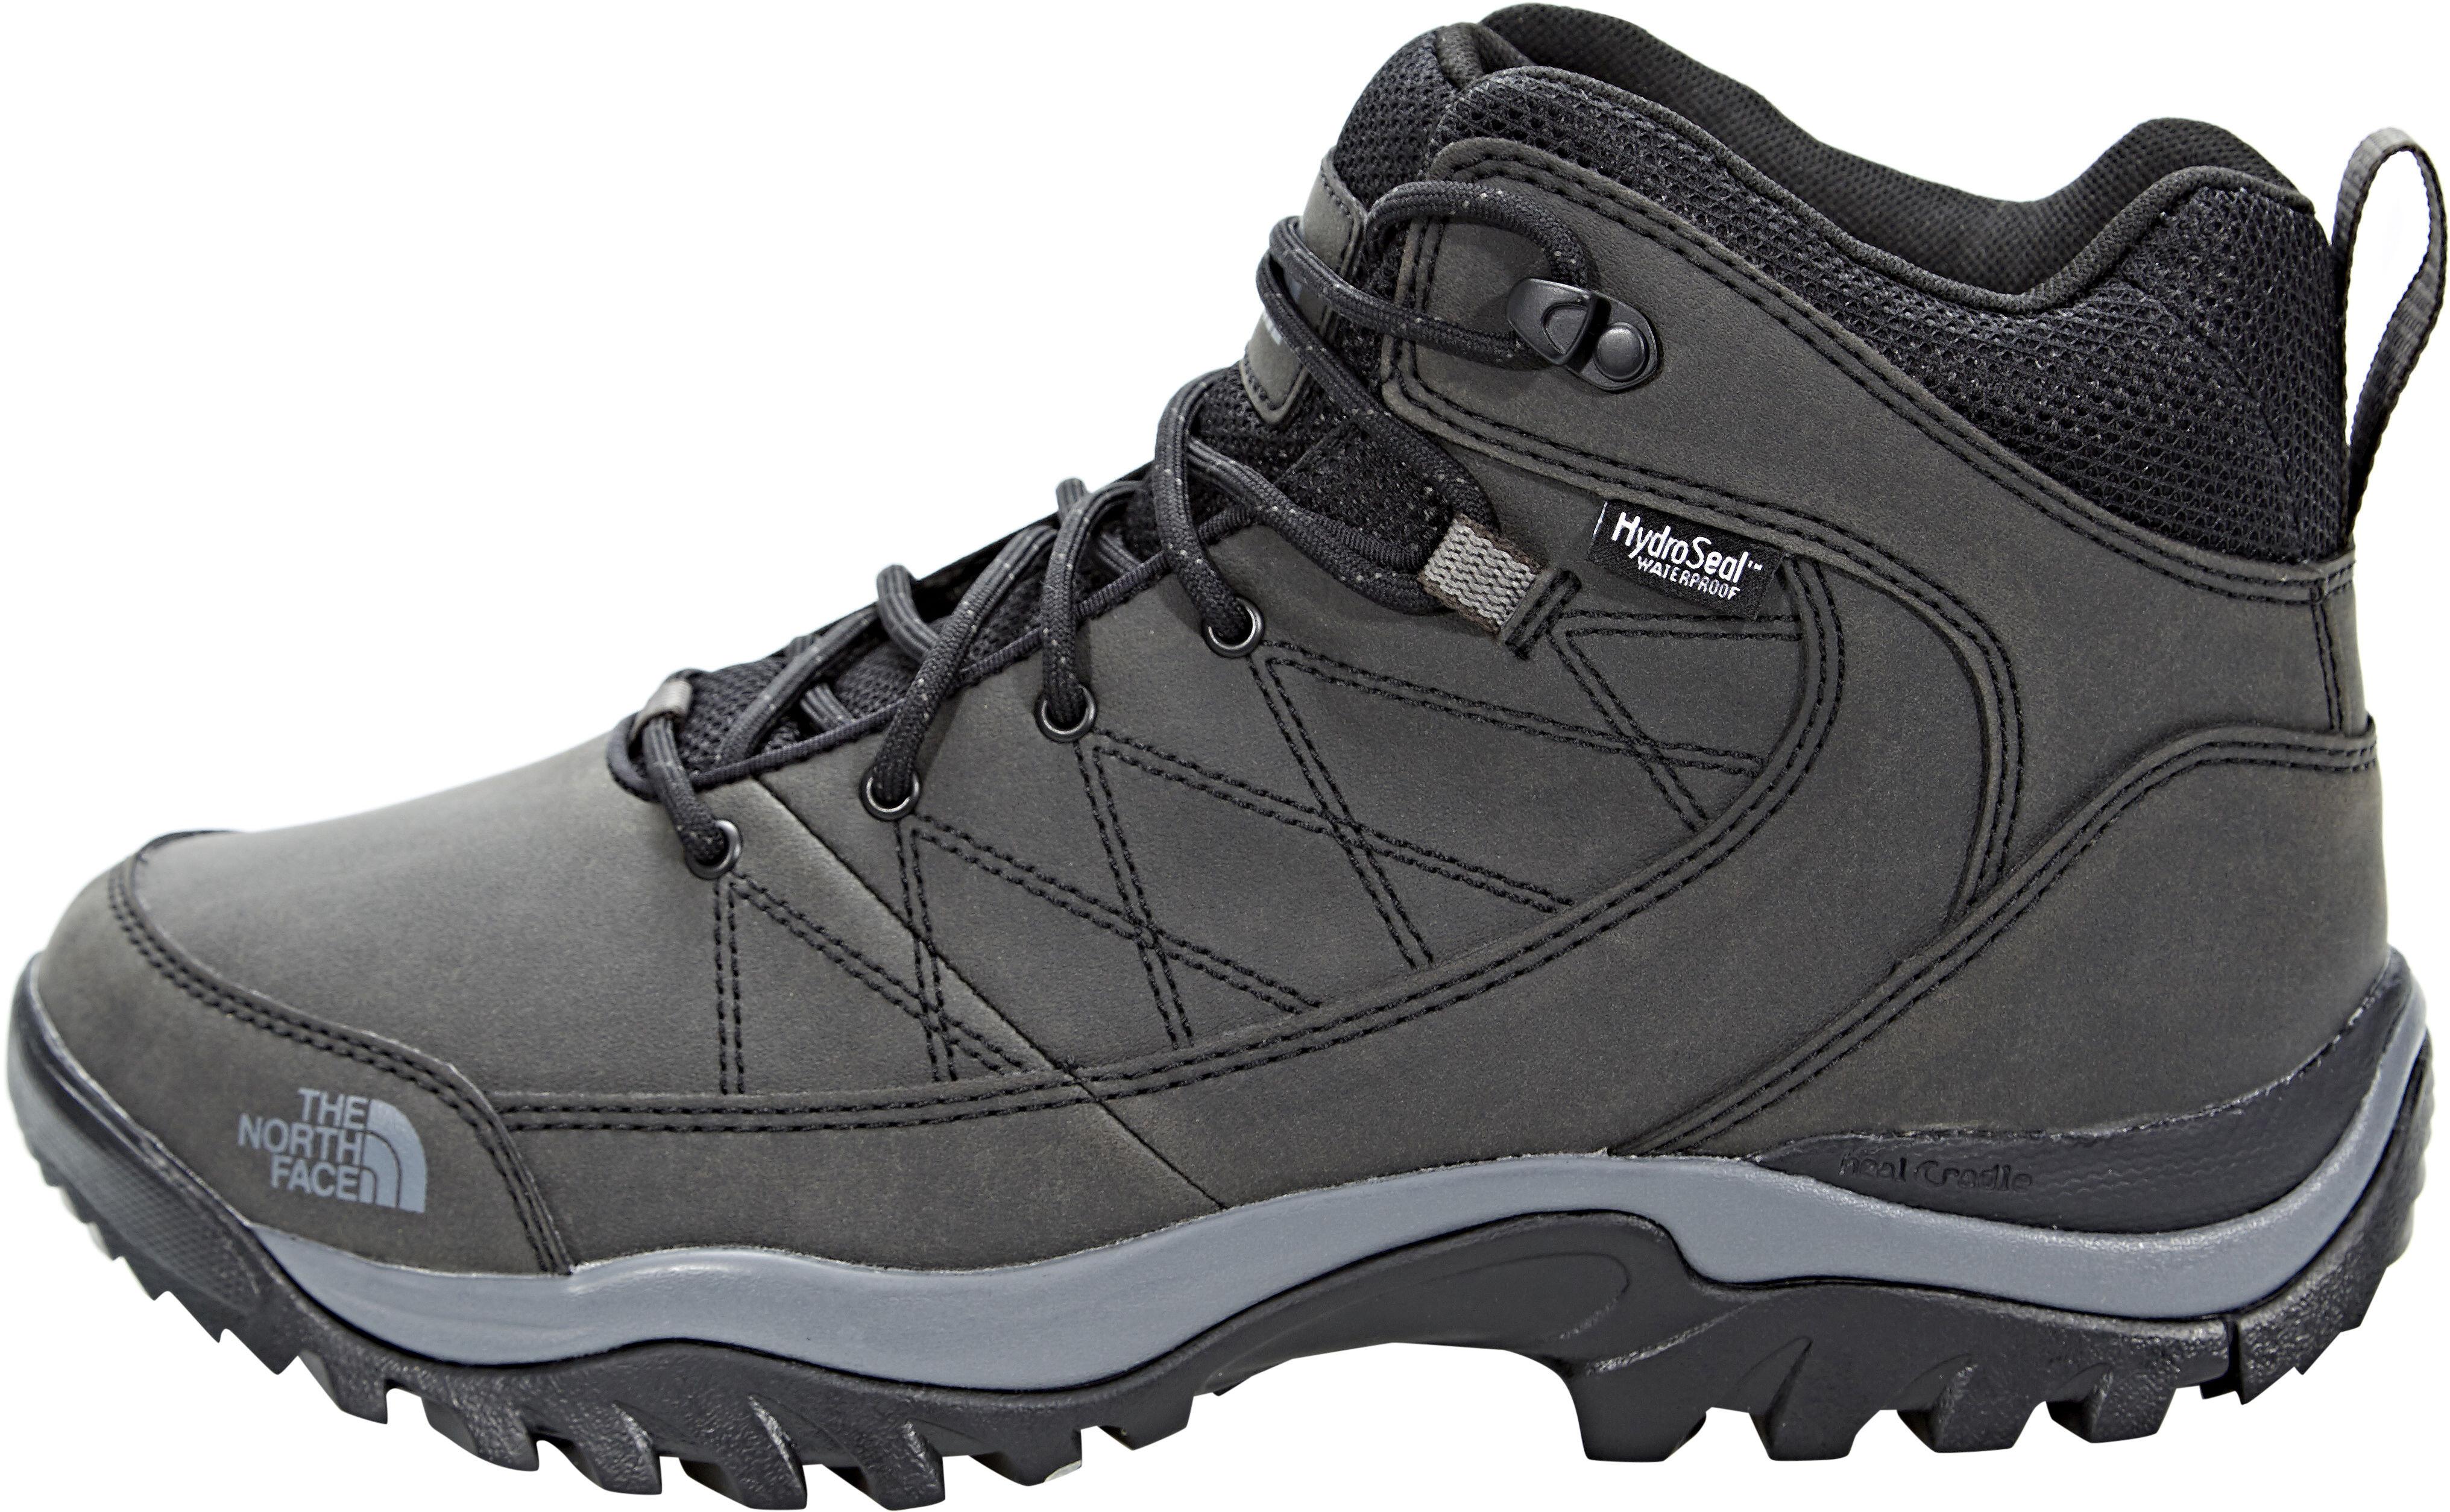 14139c0532d5eb The North Face Storm Strike WP Shoes Men tnf black zinc grey